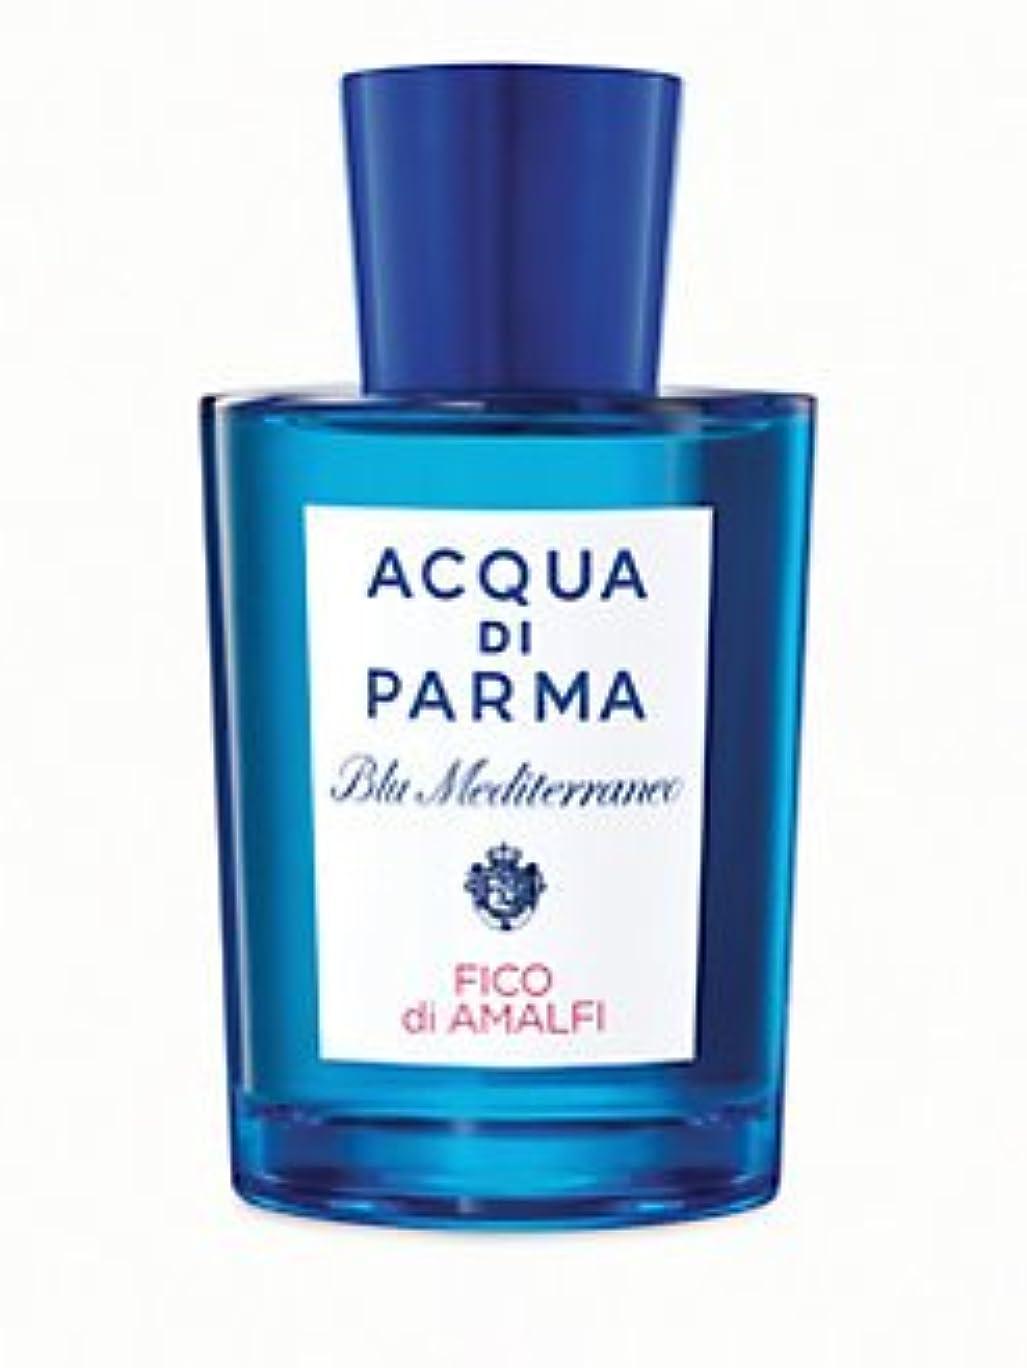 シャンプー顔料複数Blu Mediterraneo Fico di Amalfi (ブルー メディタレーネオ フィコ ディ アマルフィ) 6.9 oz (200ml) Vitalizing Body Cream by Acqua di Parma